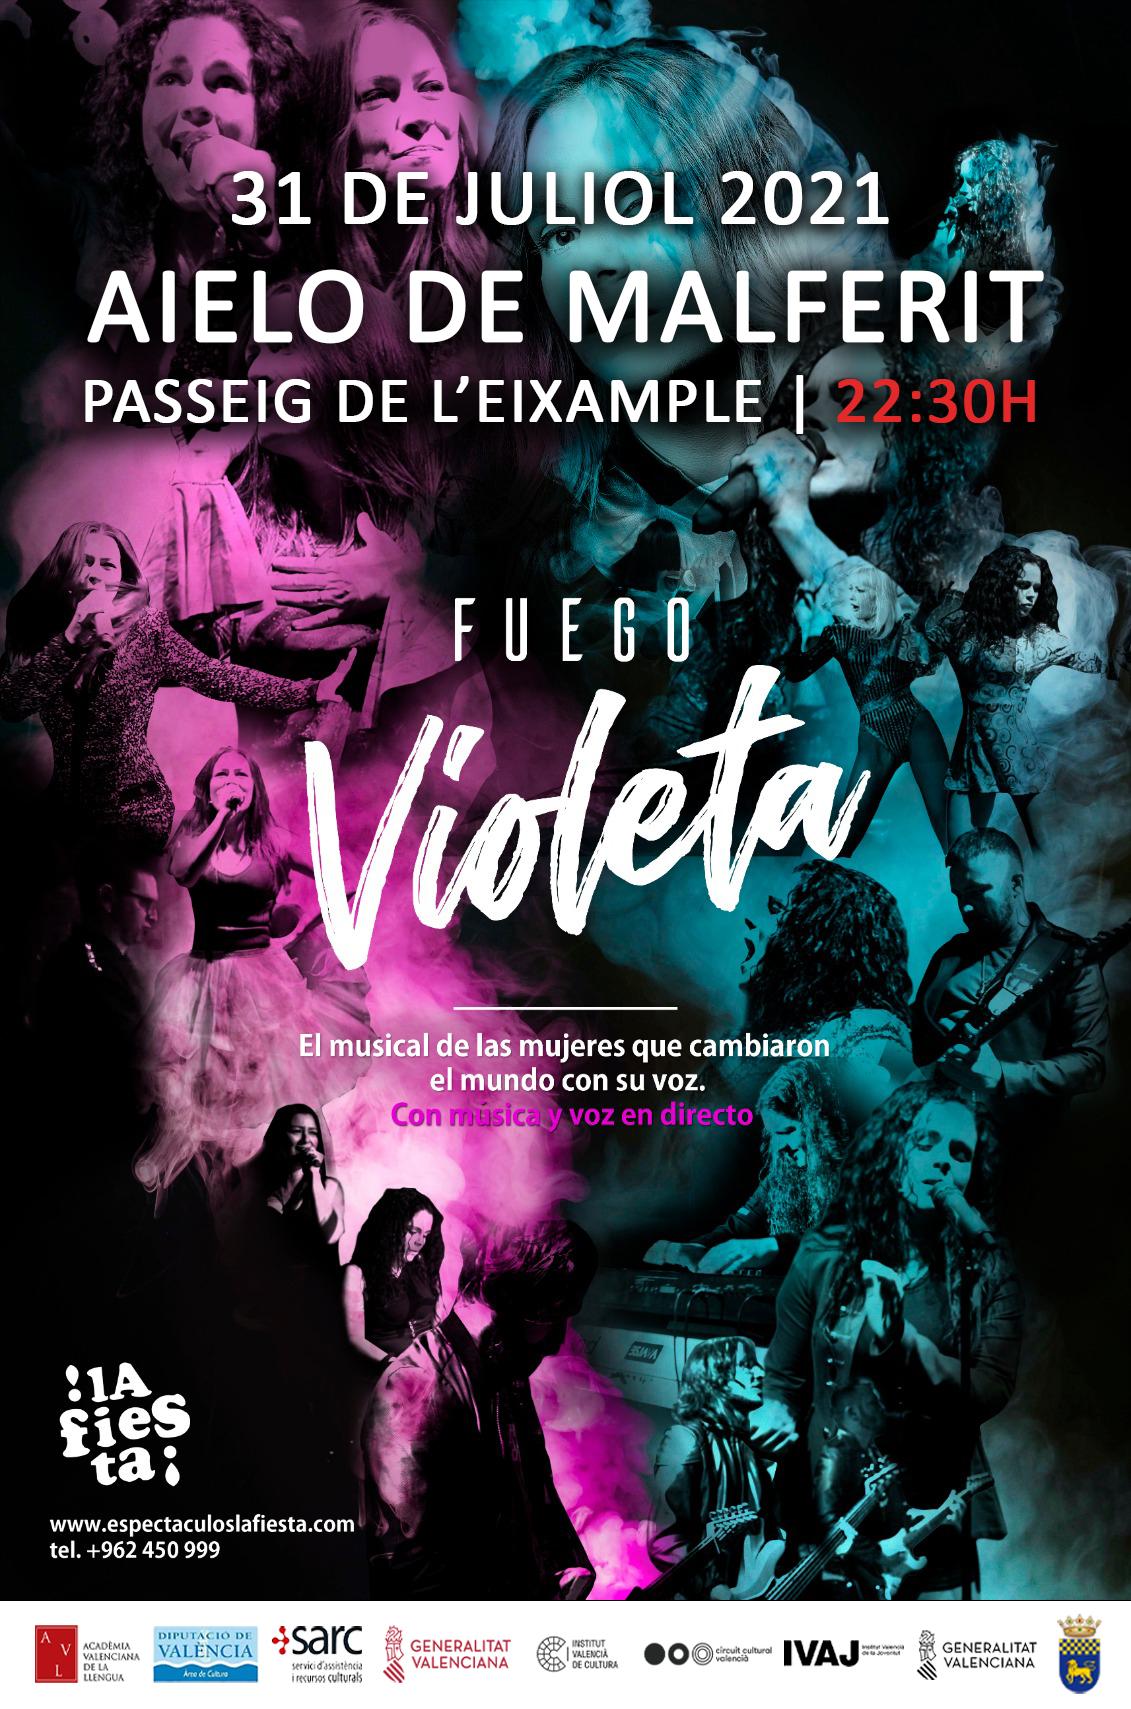 ESPECTACLE MUSICAL | FUEGO VIOLETA